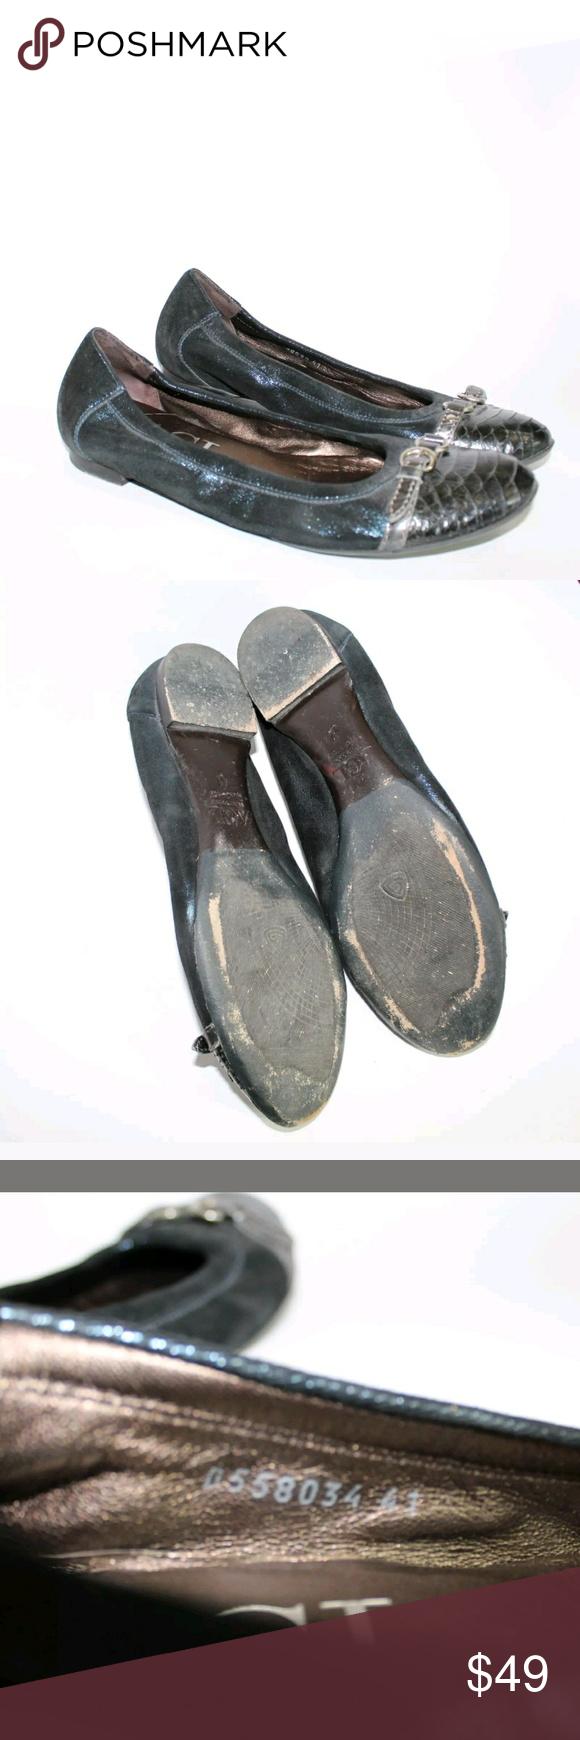 Attilio Giusti Leombruni Shoes   Attilio Giusti Leombruni